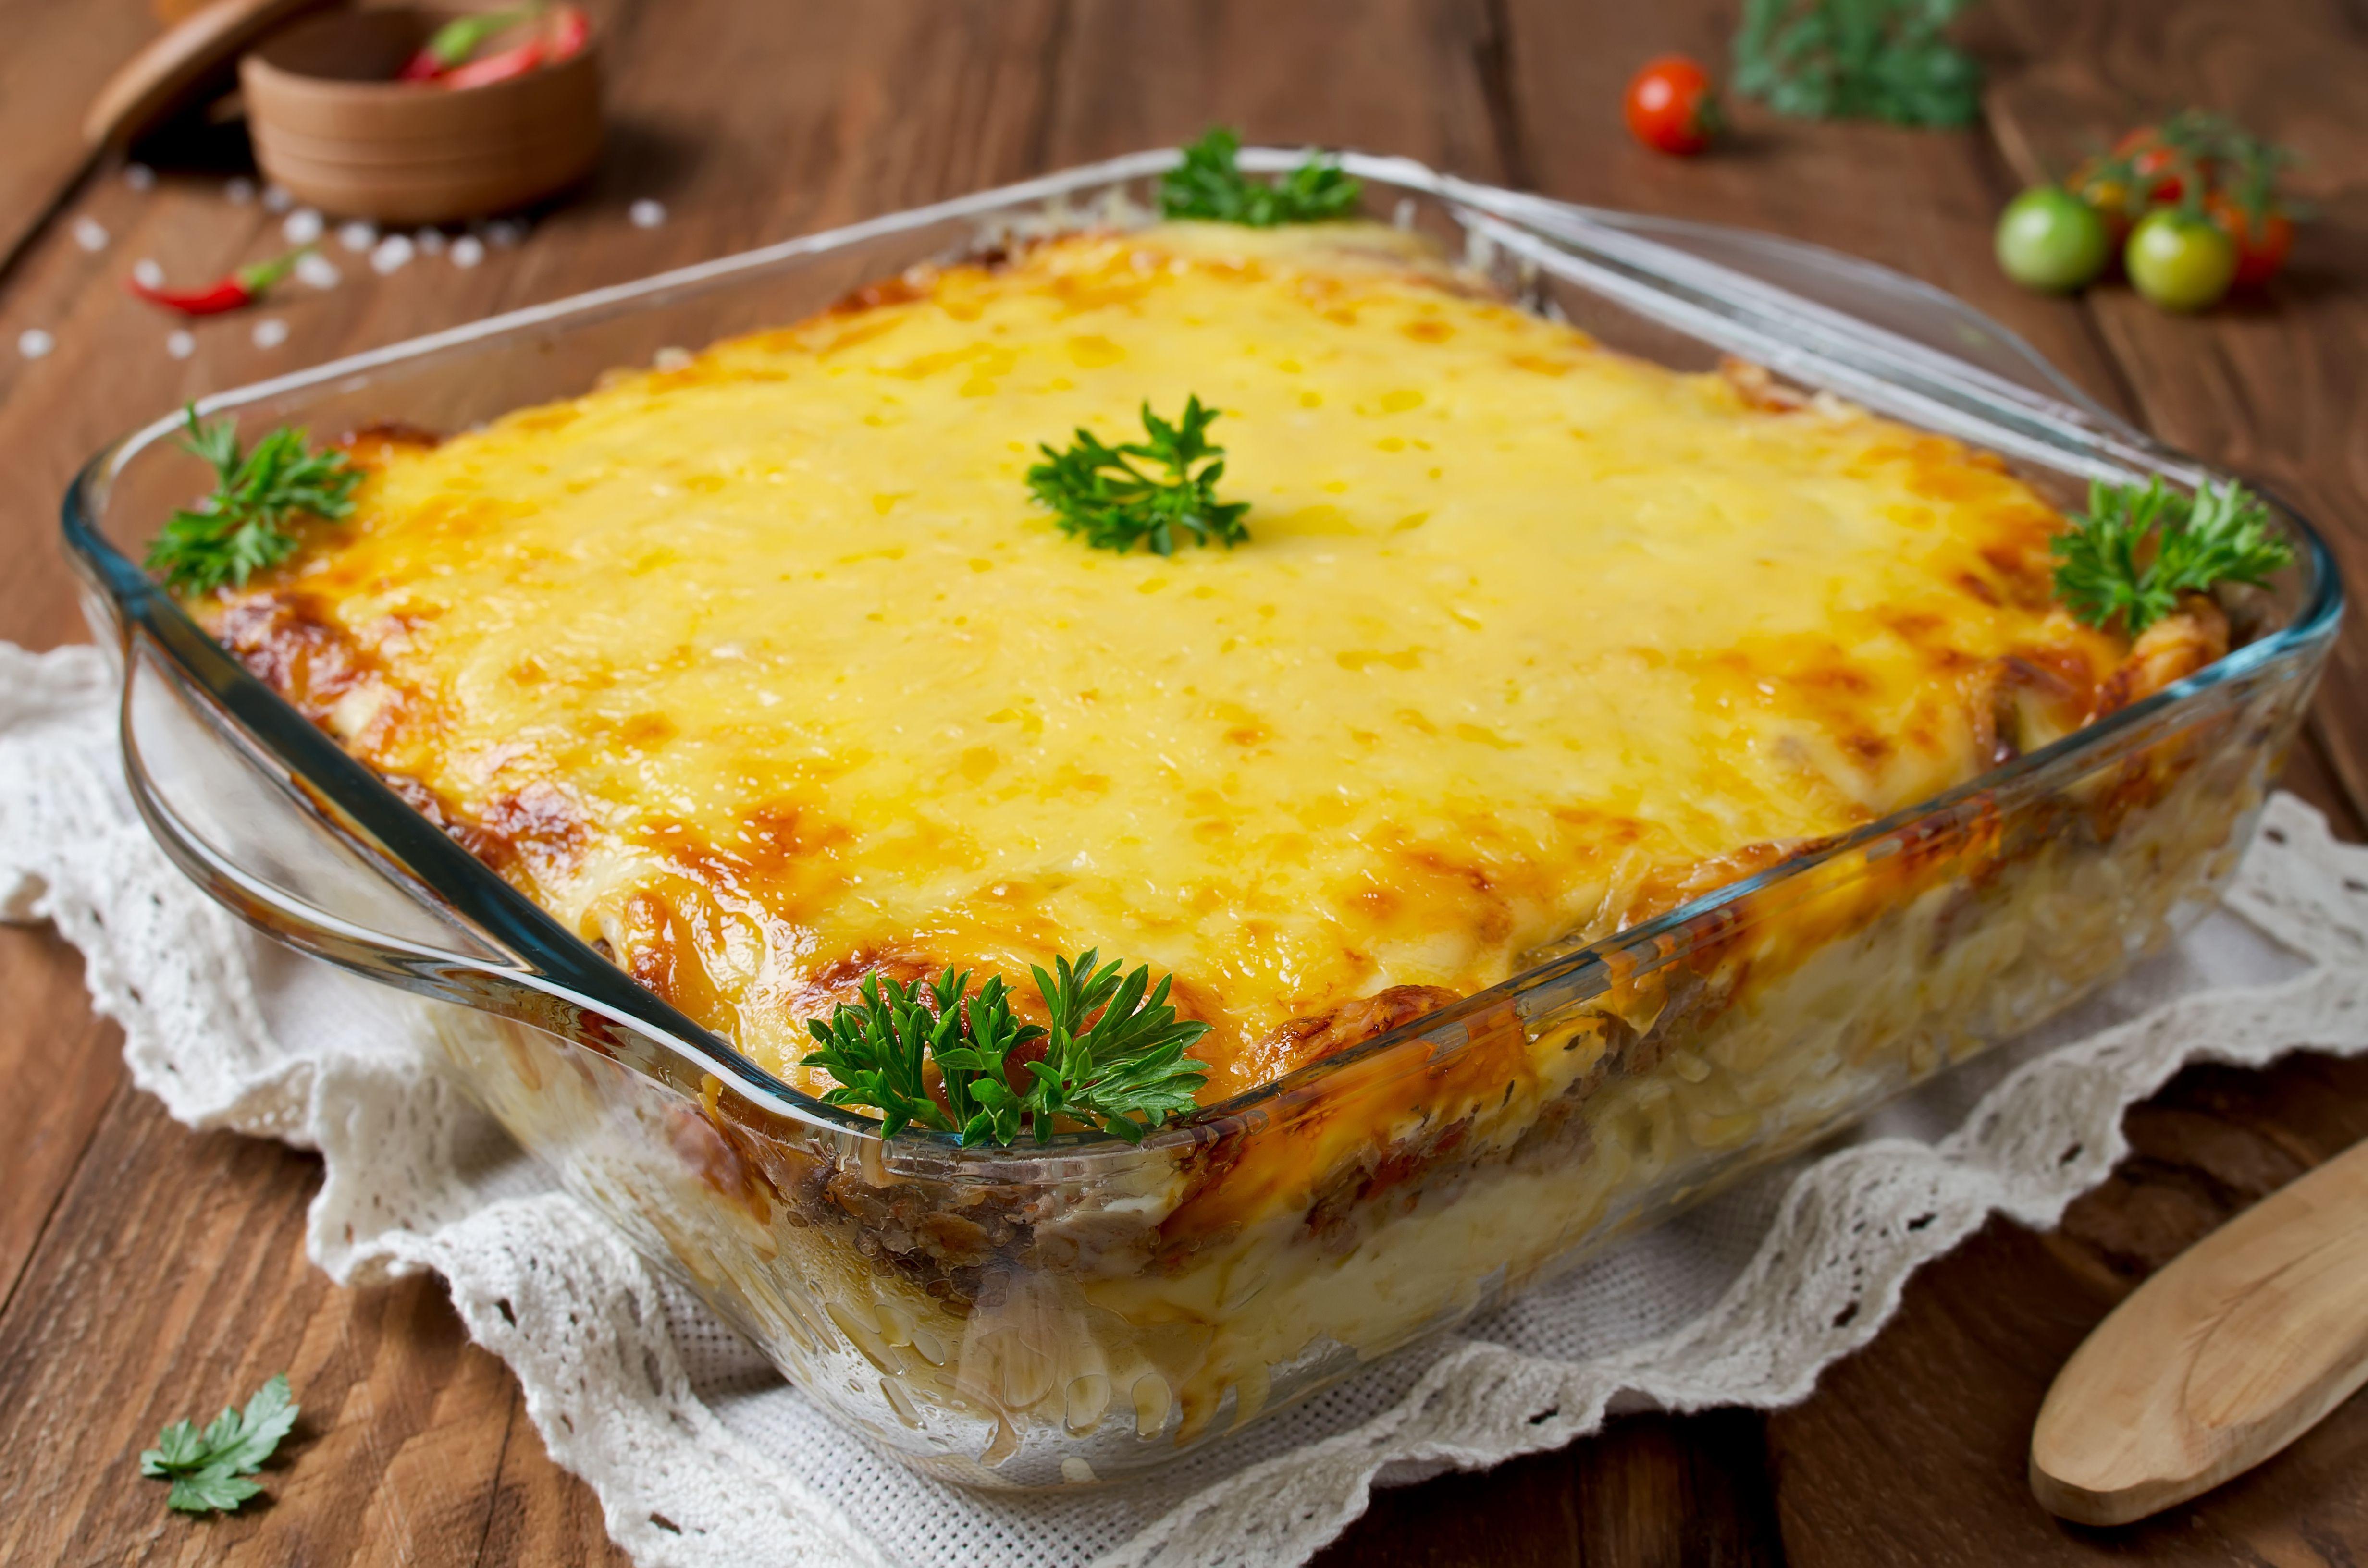 Вкусное блюдо к ужину: запеканка по-французски